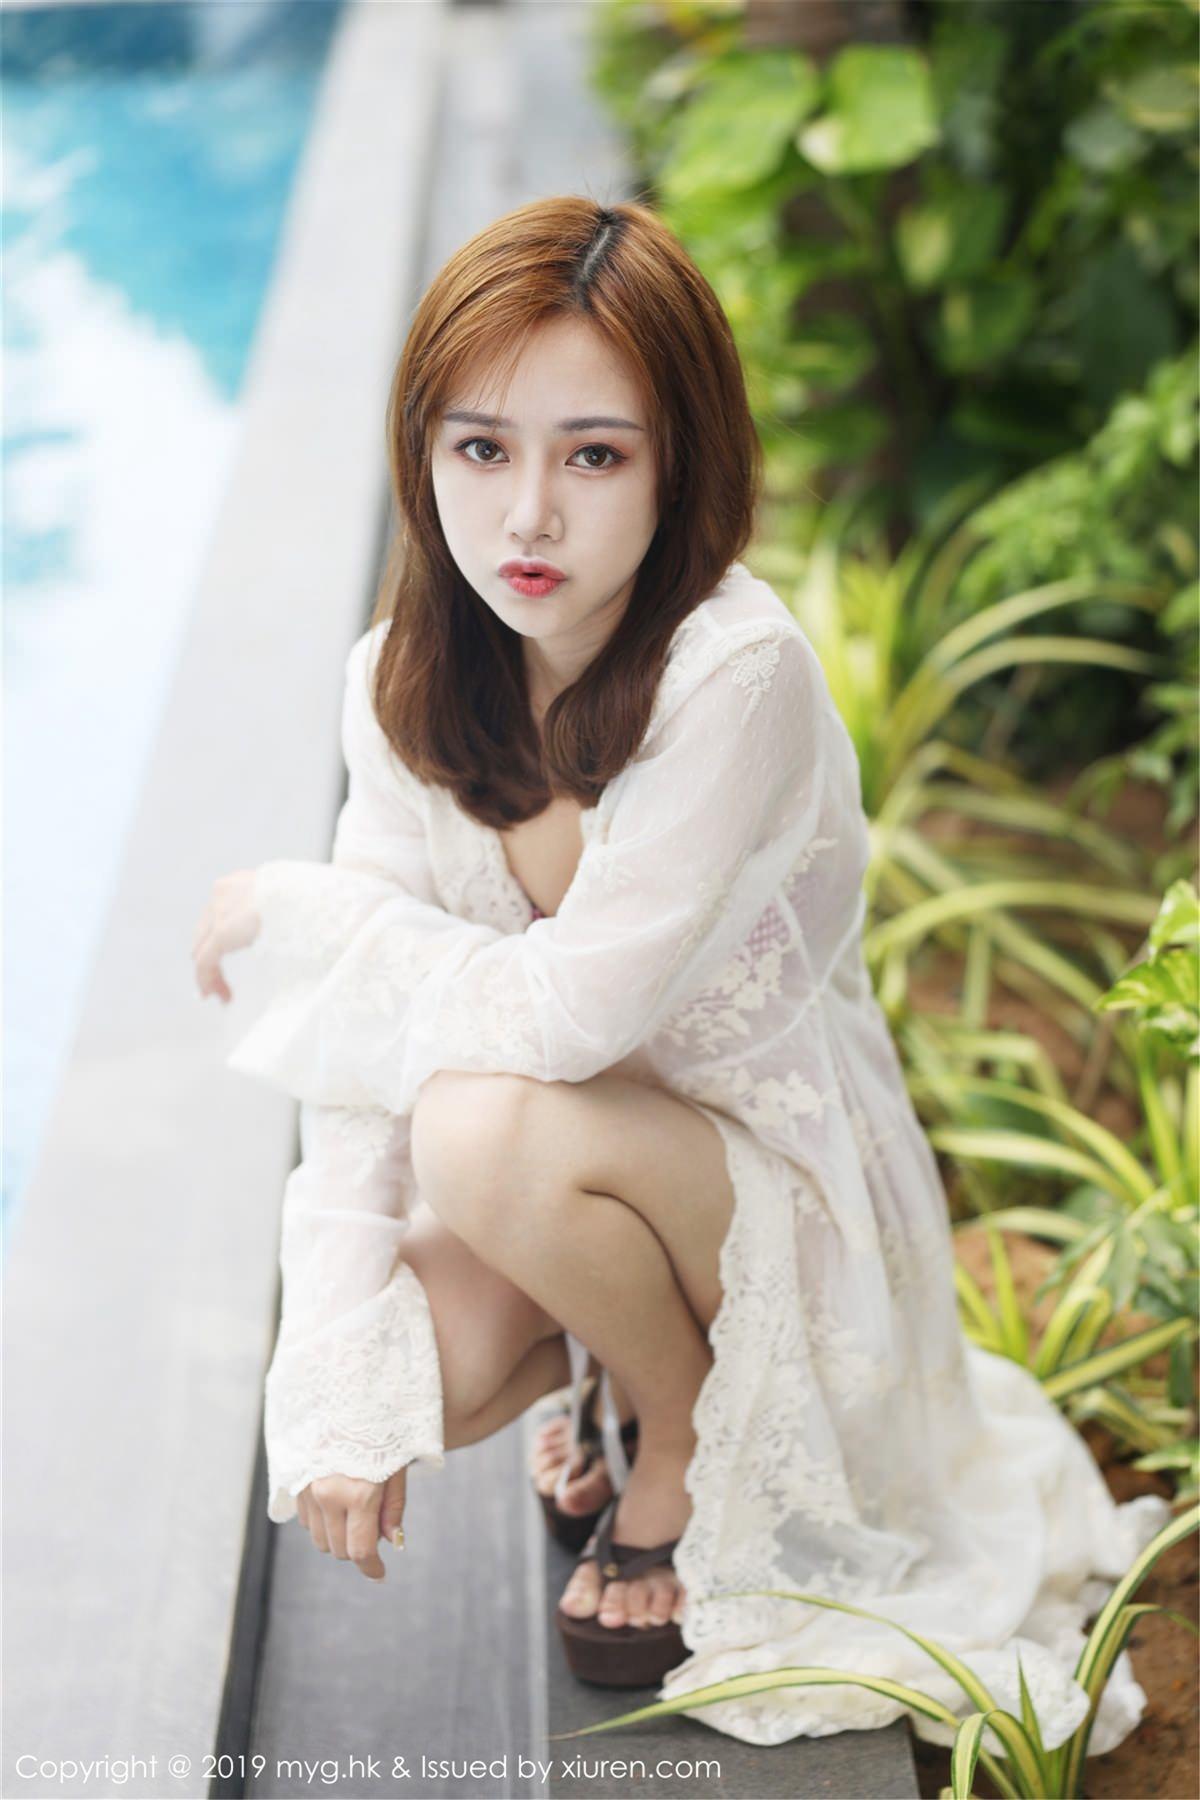 MyGirl Vol.356 2P, mygirl, Yu Zhu